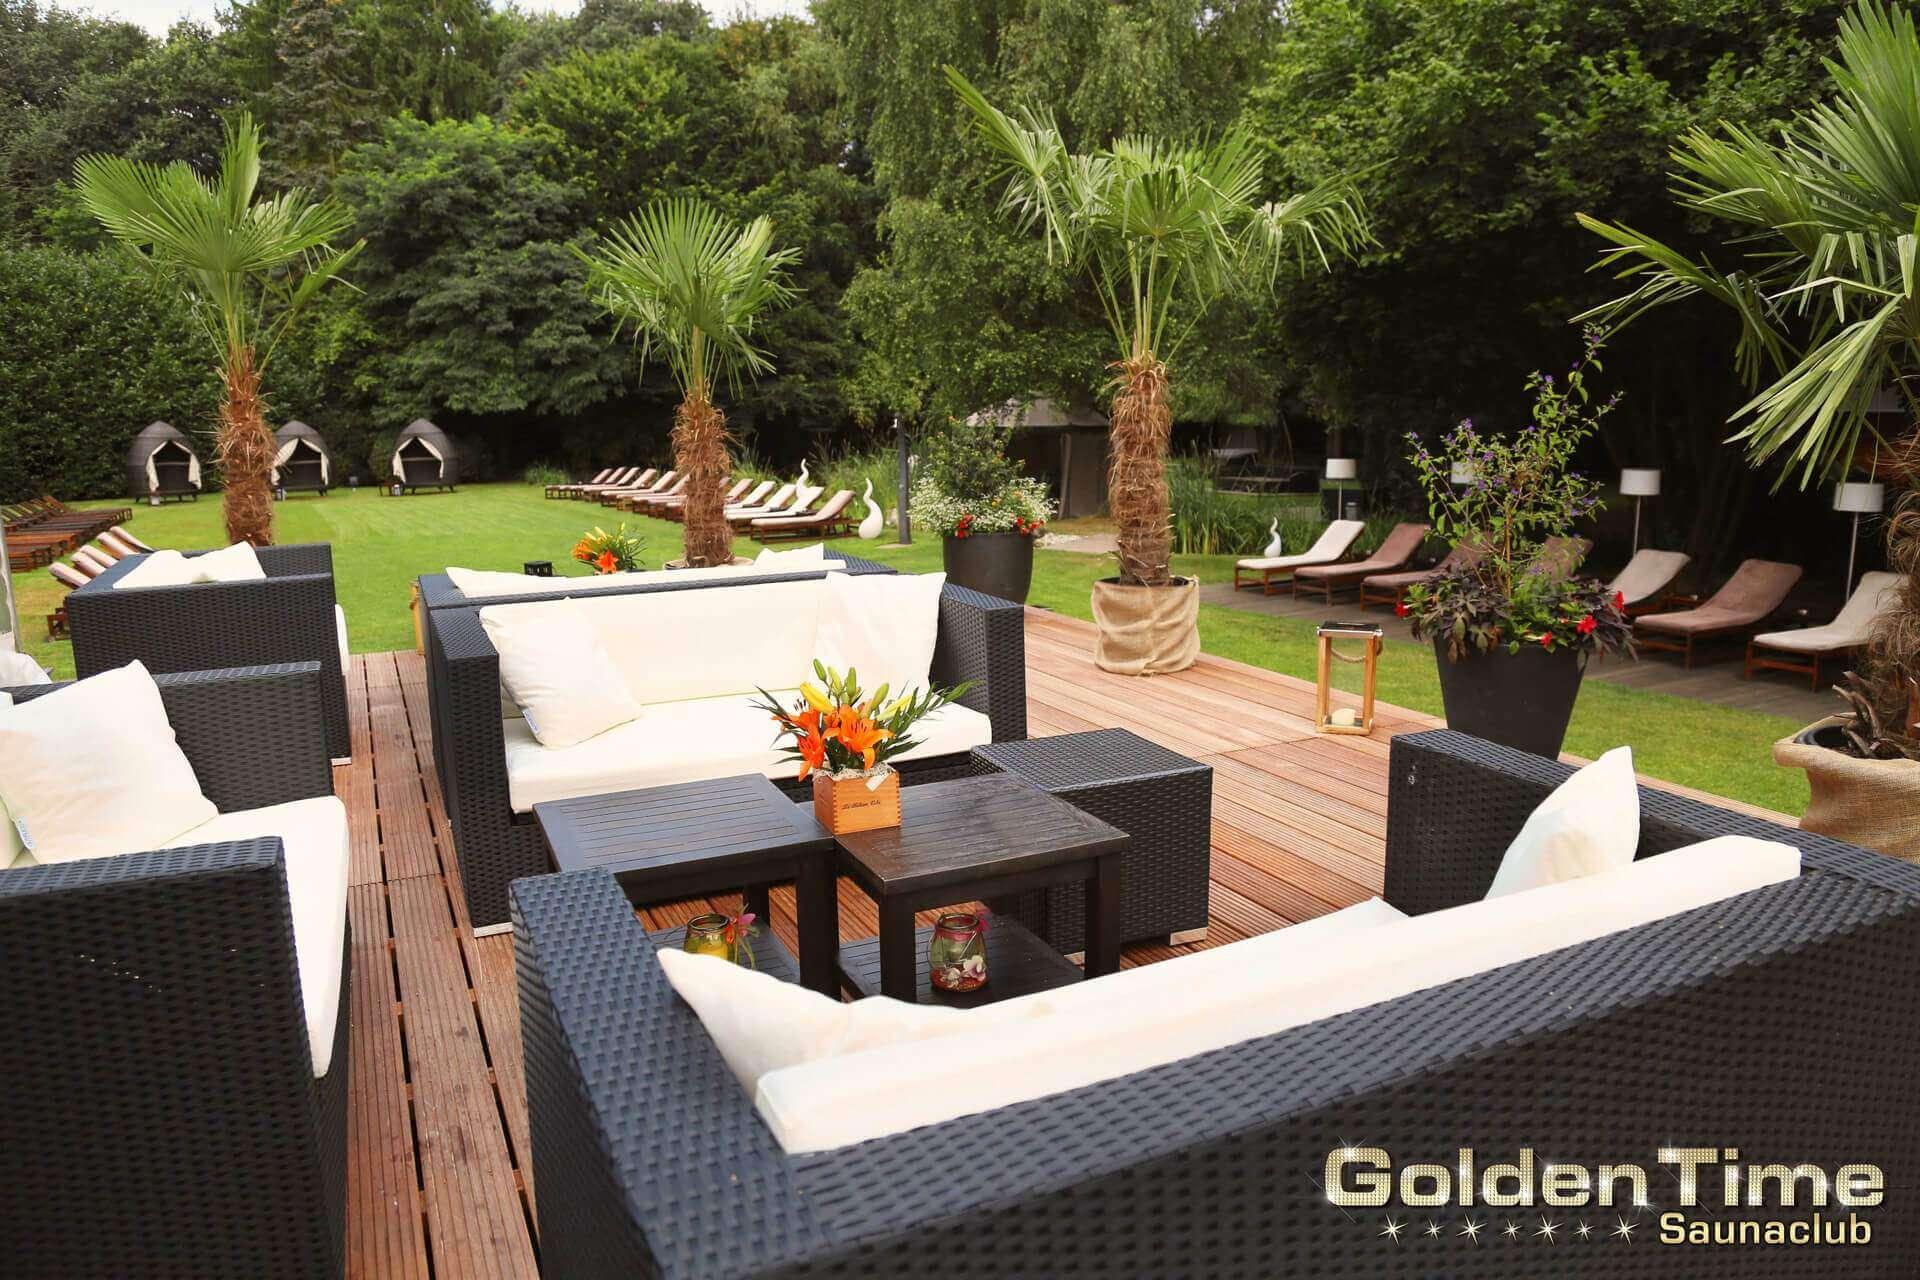 01-terrasse-wellnessbereich-pic-02-goldentime.jpg